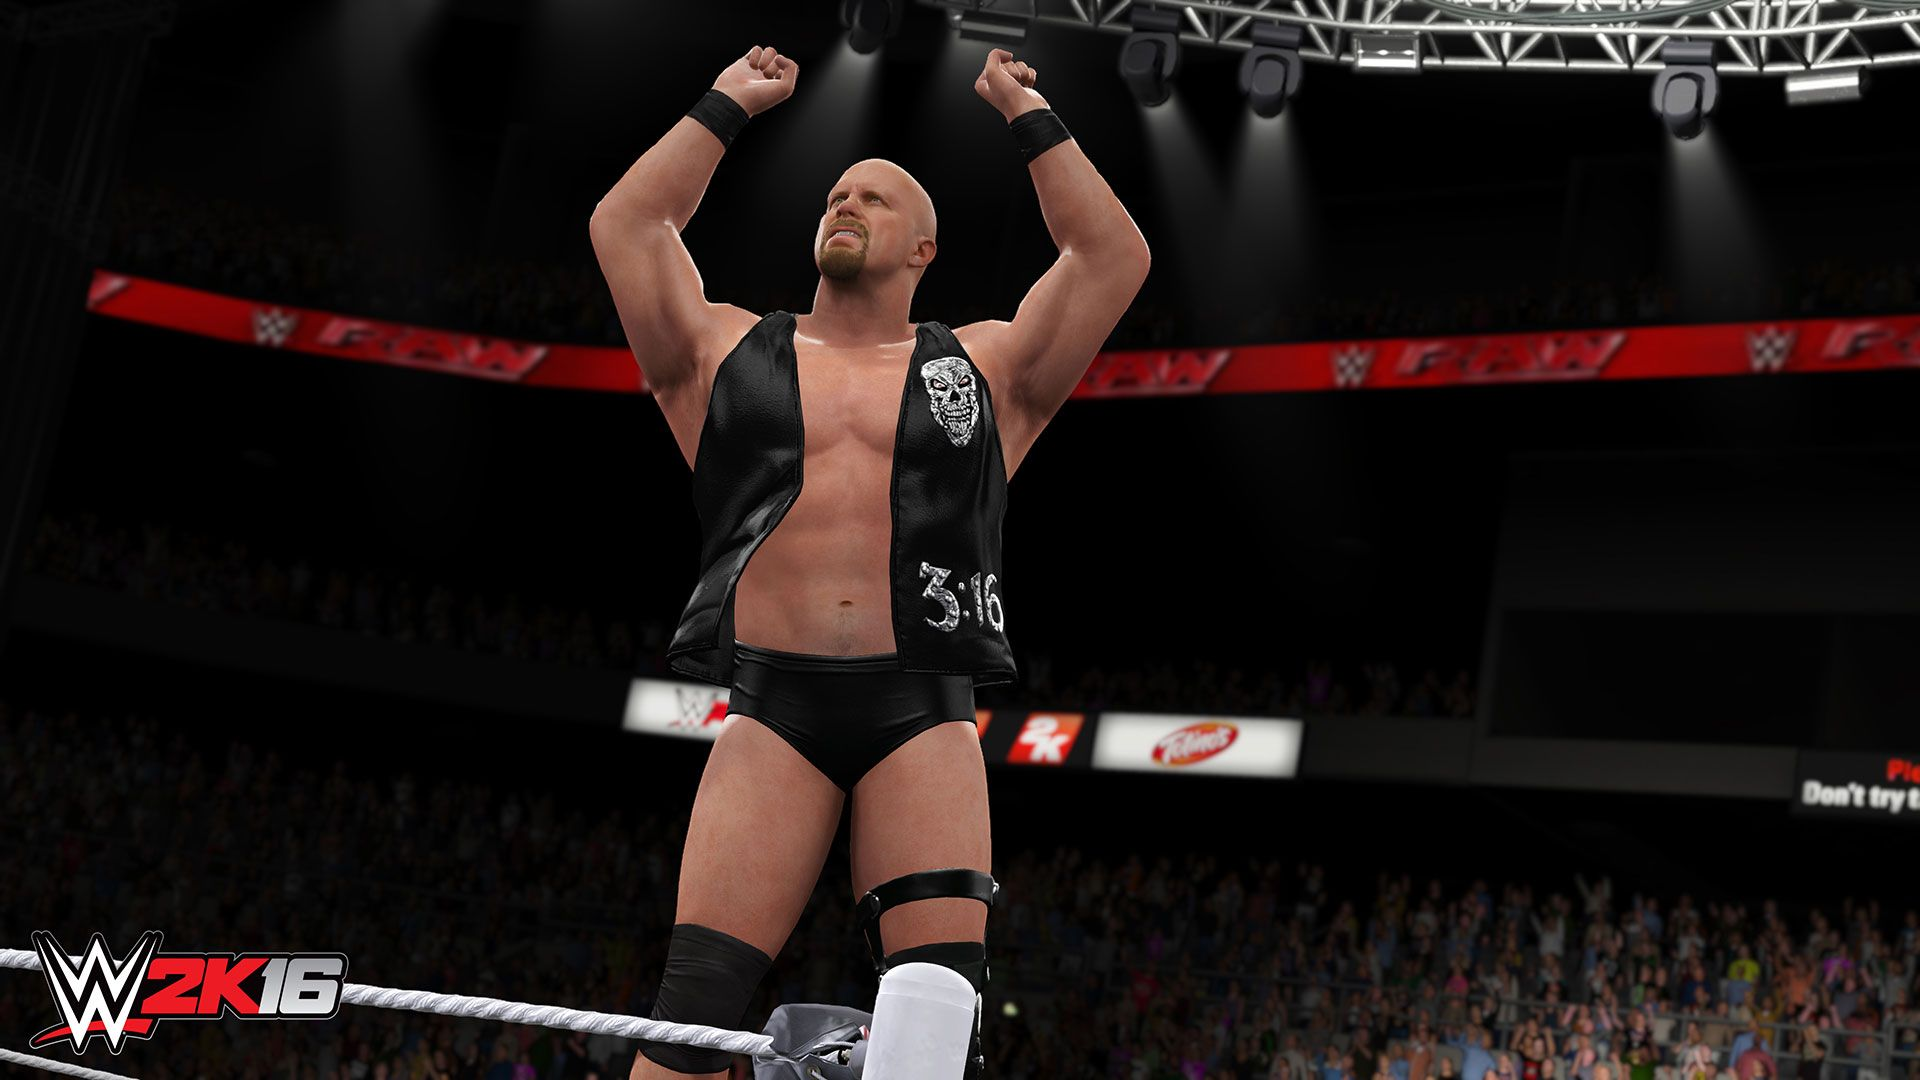 WWE_2K16_PC_Steve_Austin